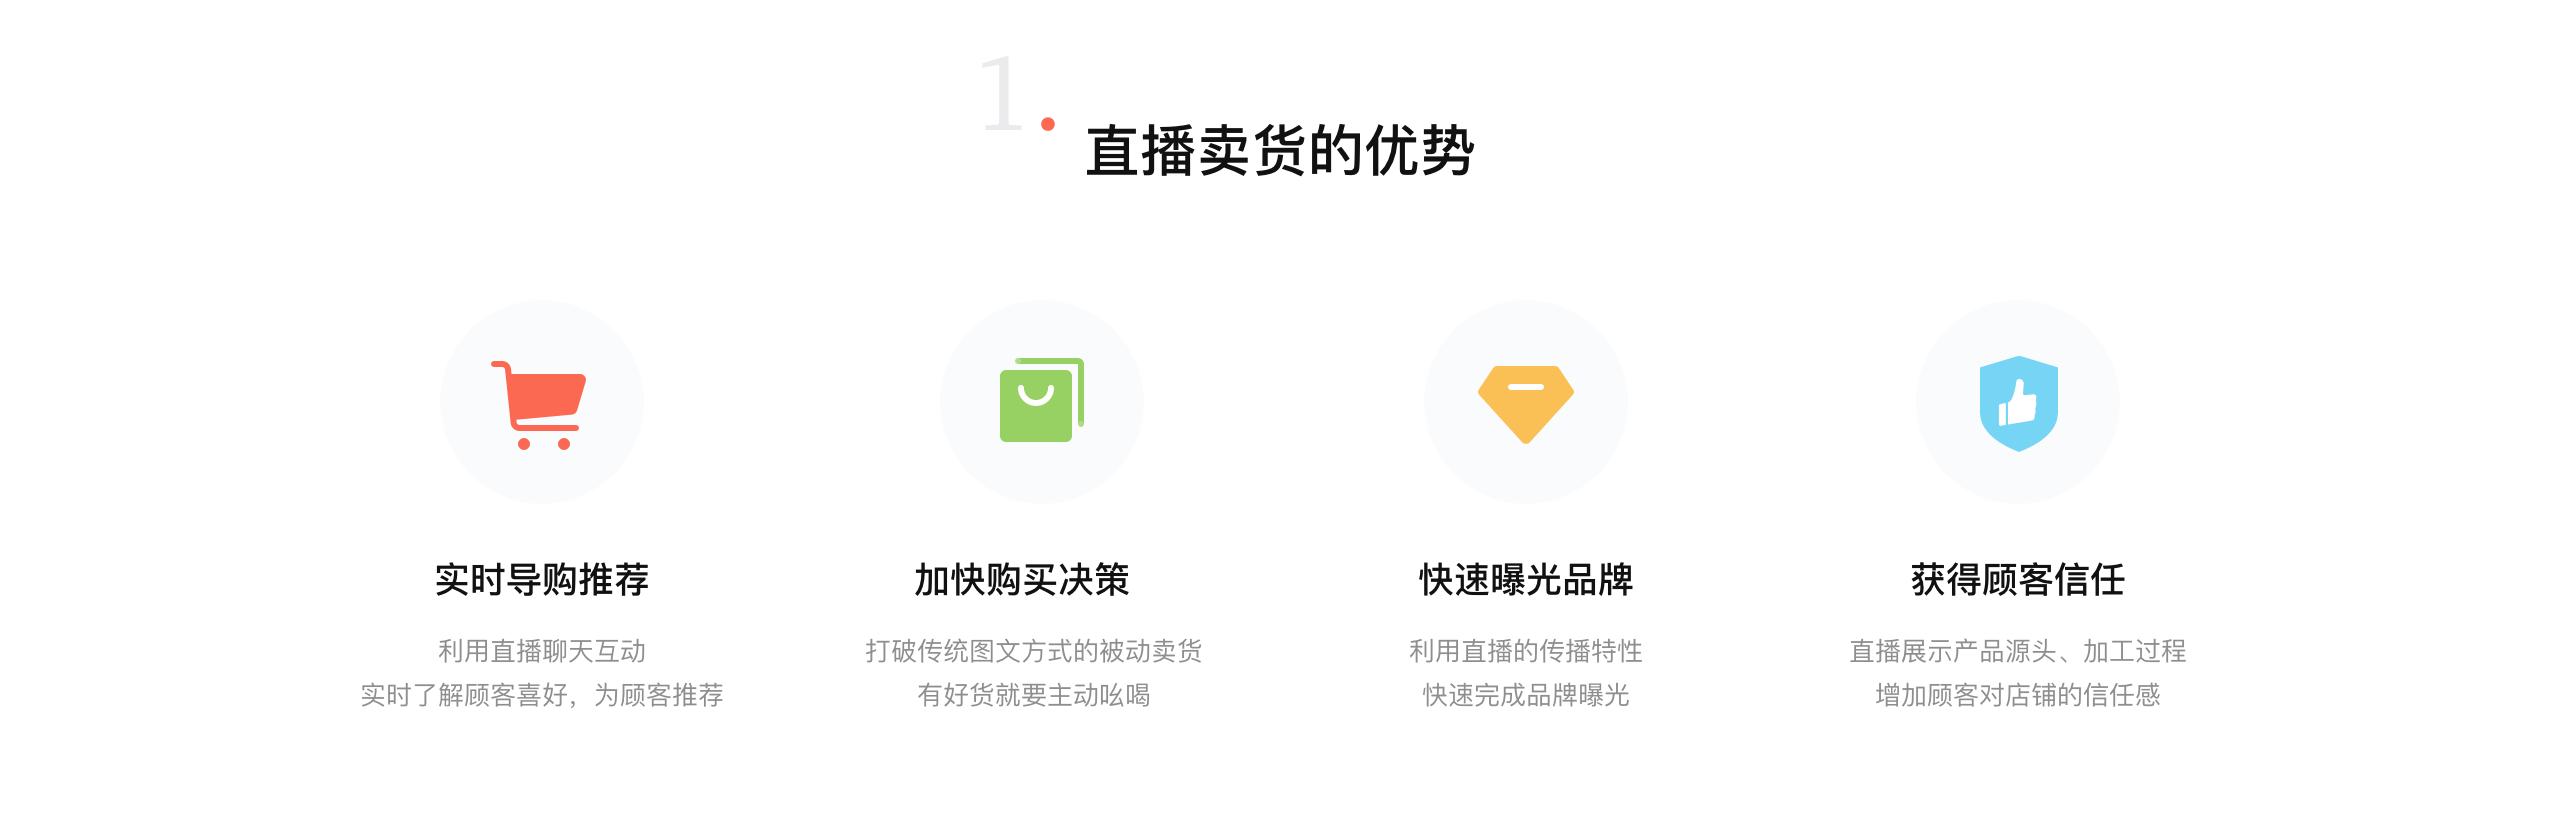 企业微信截图_1561449429968.png